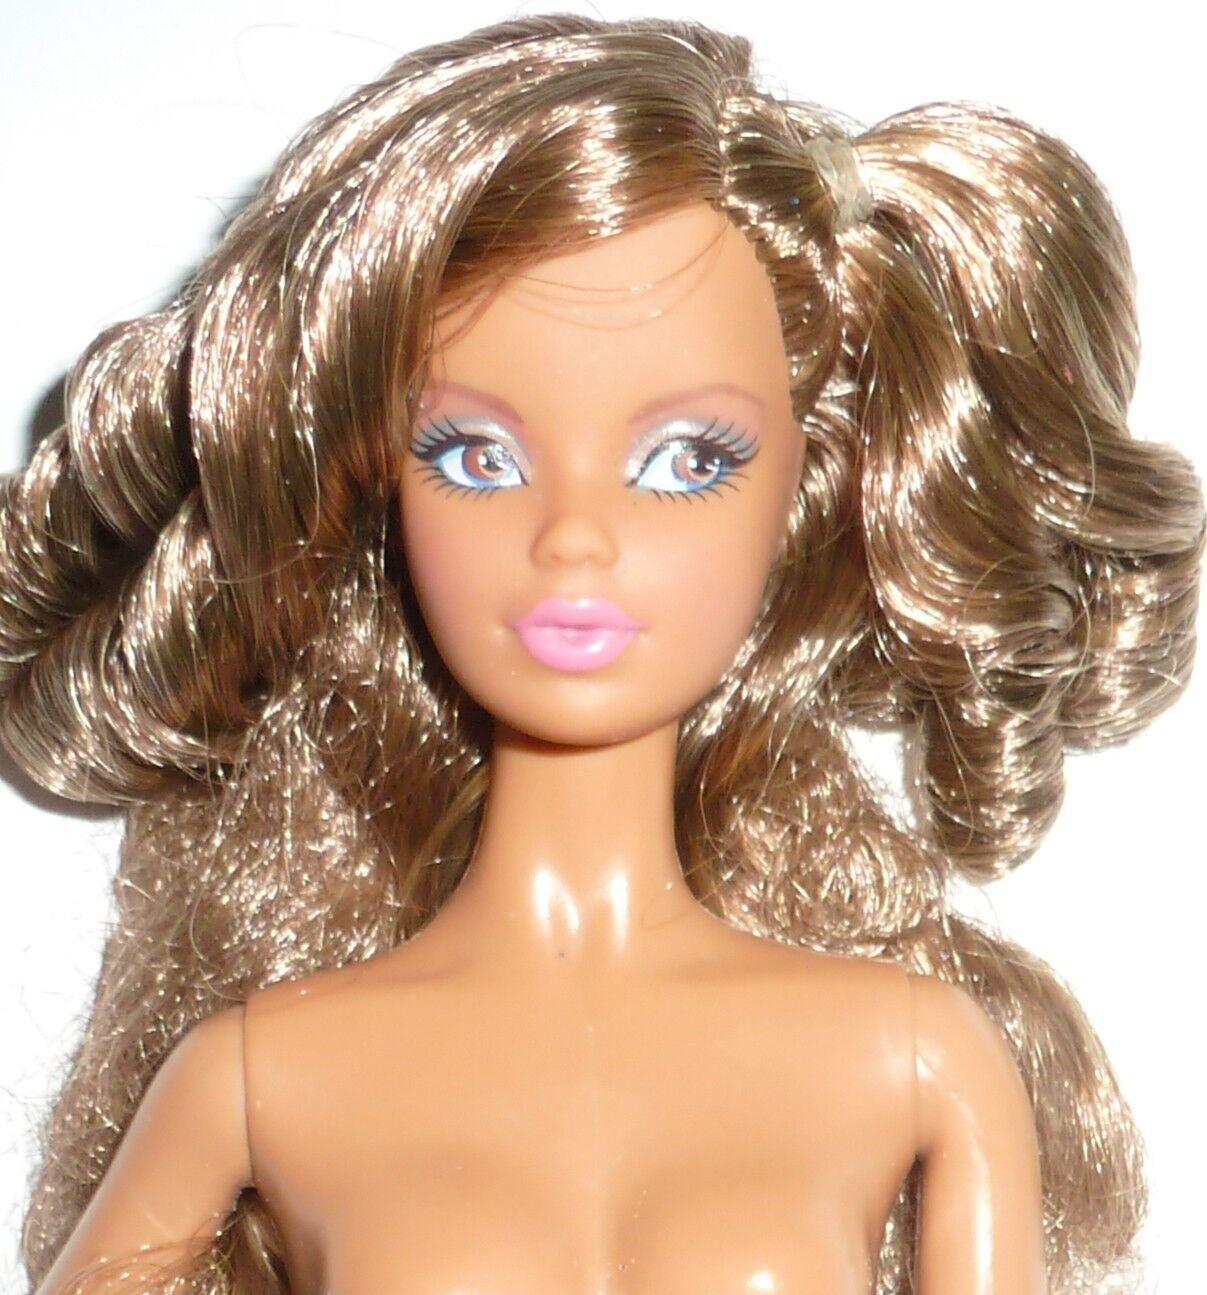 risparmia il 60% di sconto RARE edizione STEFFIE STEFFIE STEFFIE Barbie modello Muse Bambola.  consegna gratuita e veloce disponibile